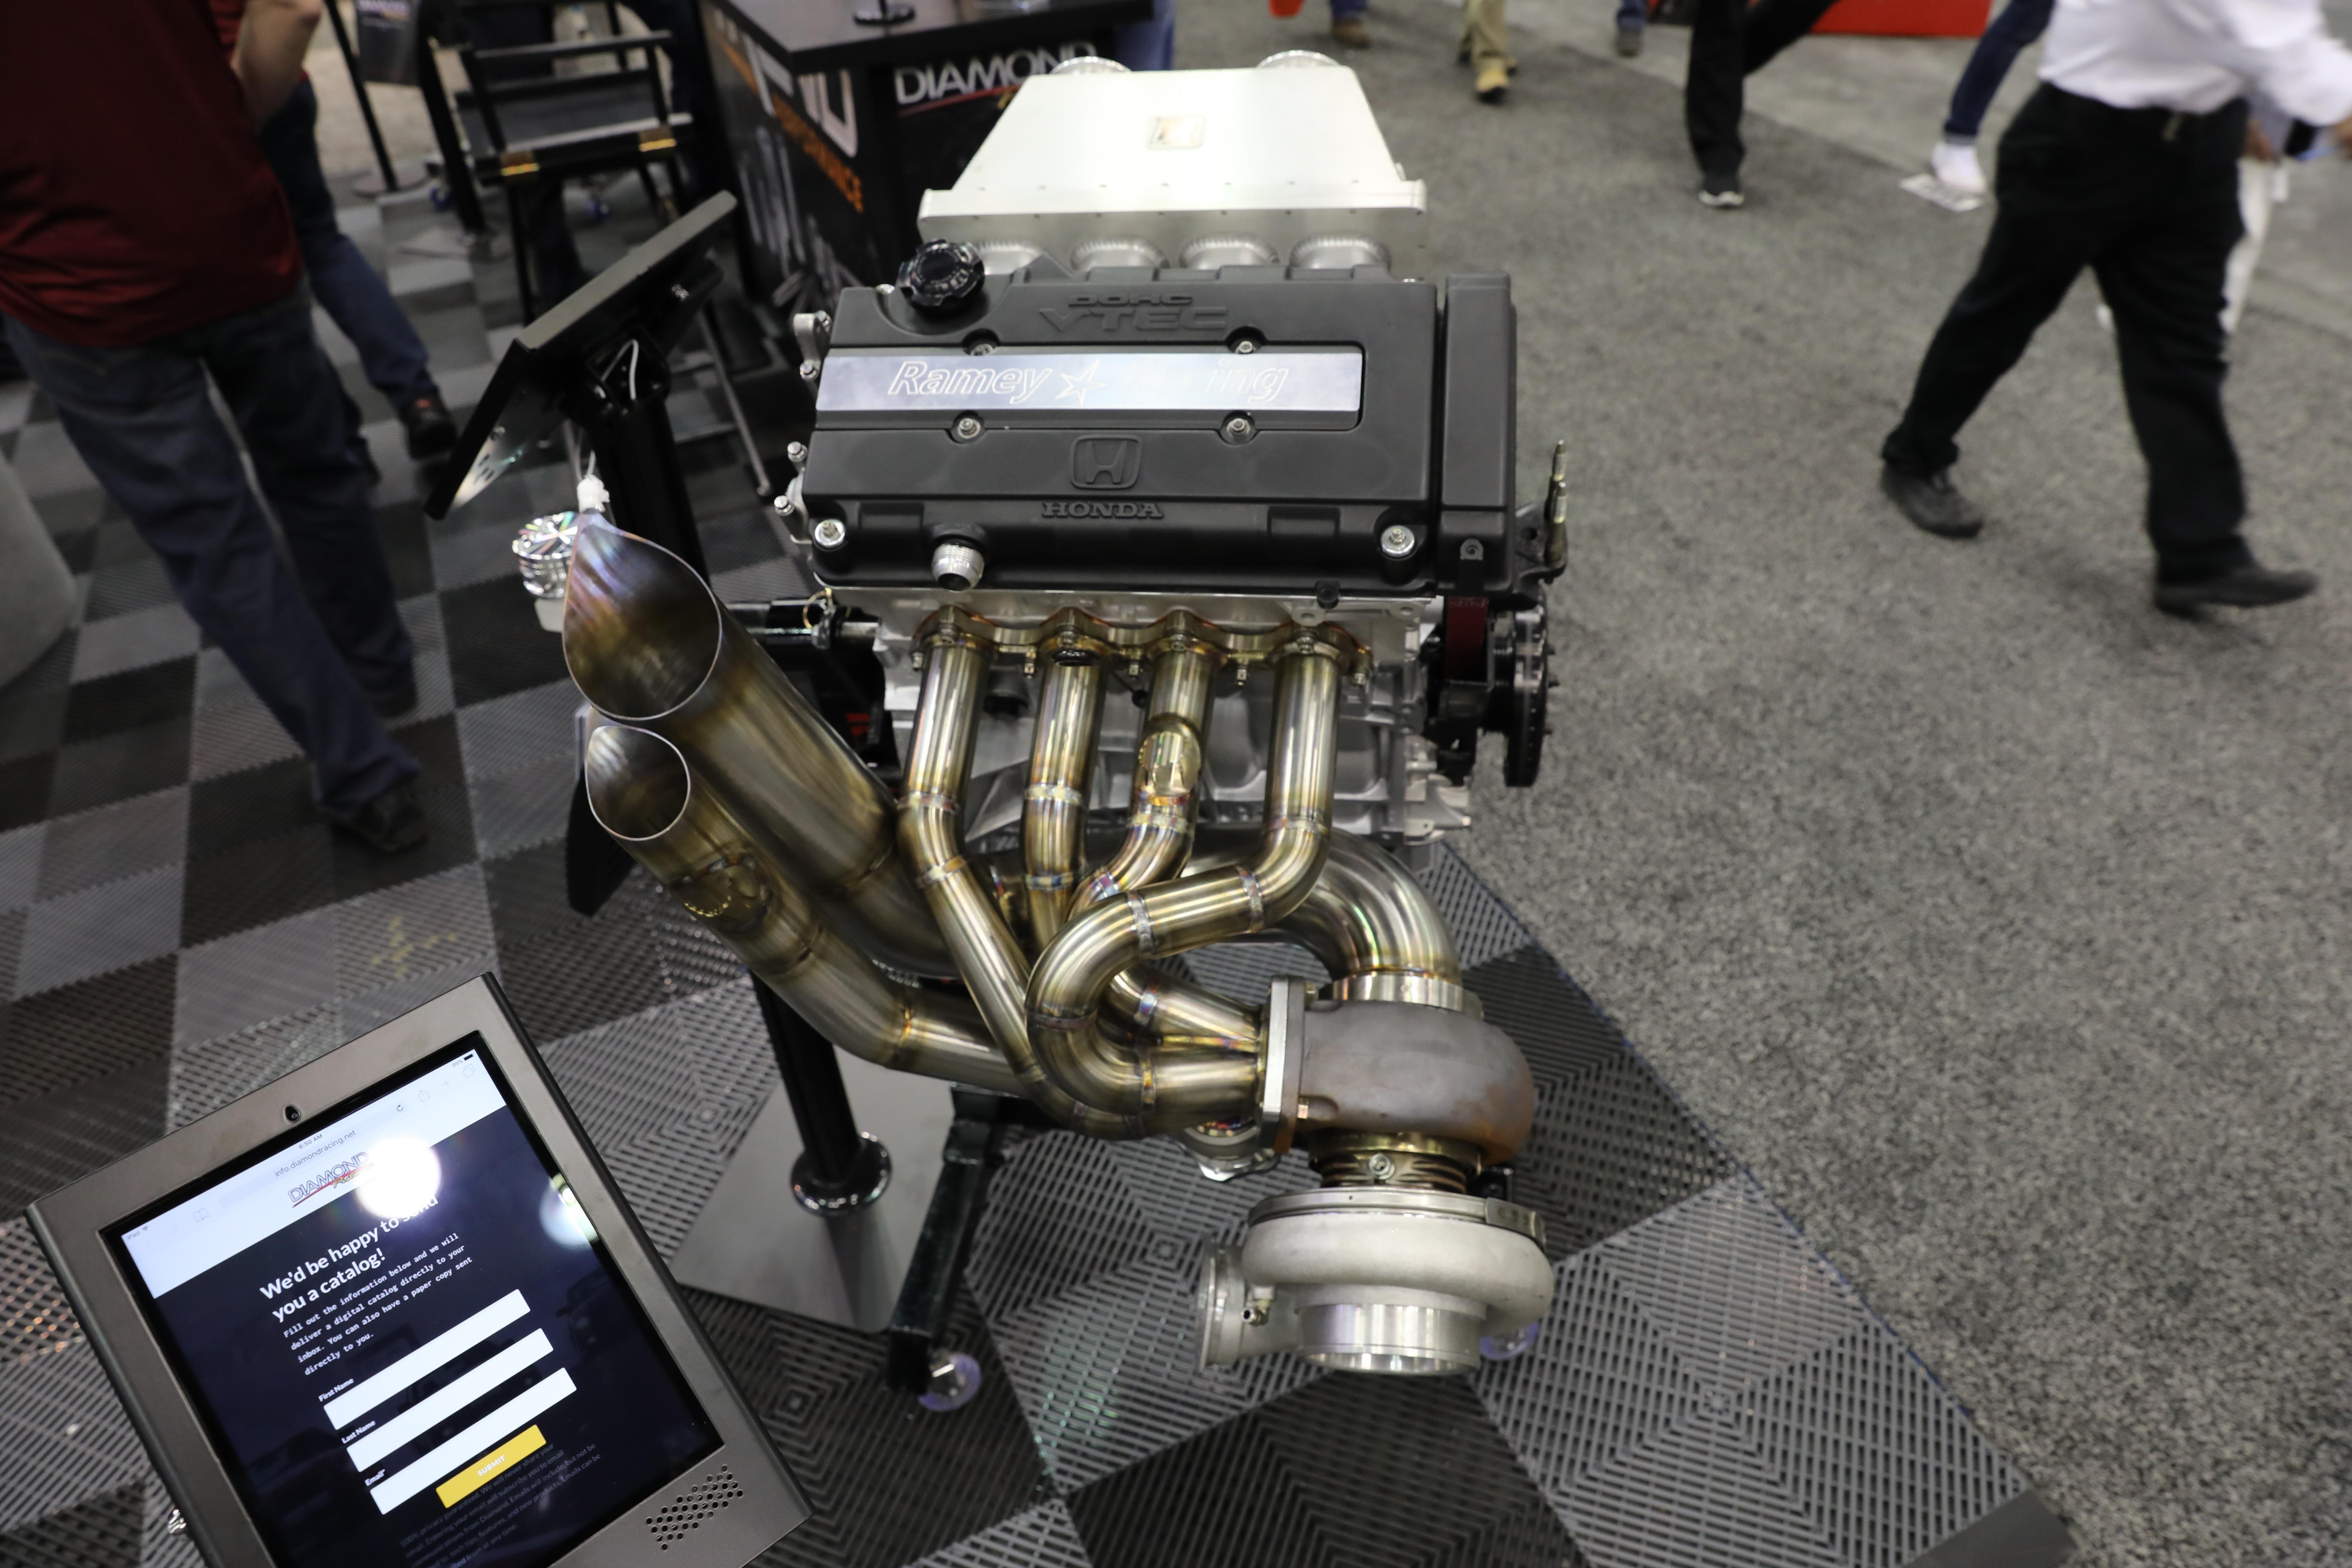 003-Diamond-engines-booth-PRI.jpg